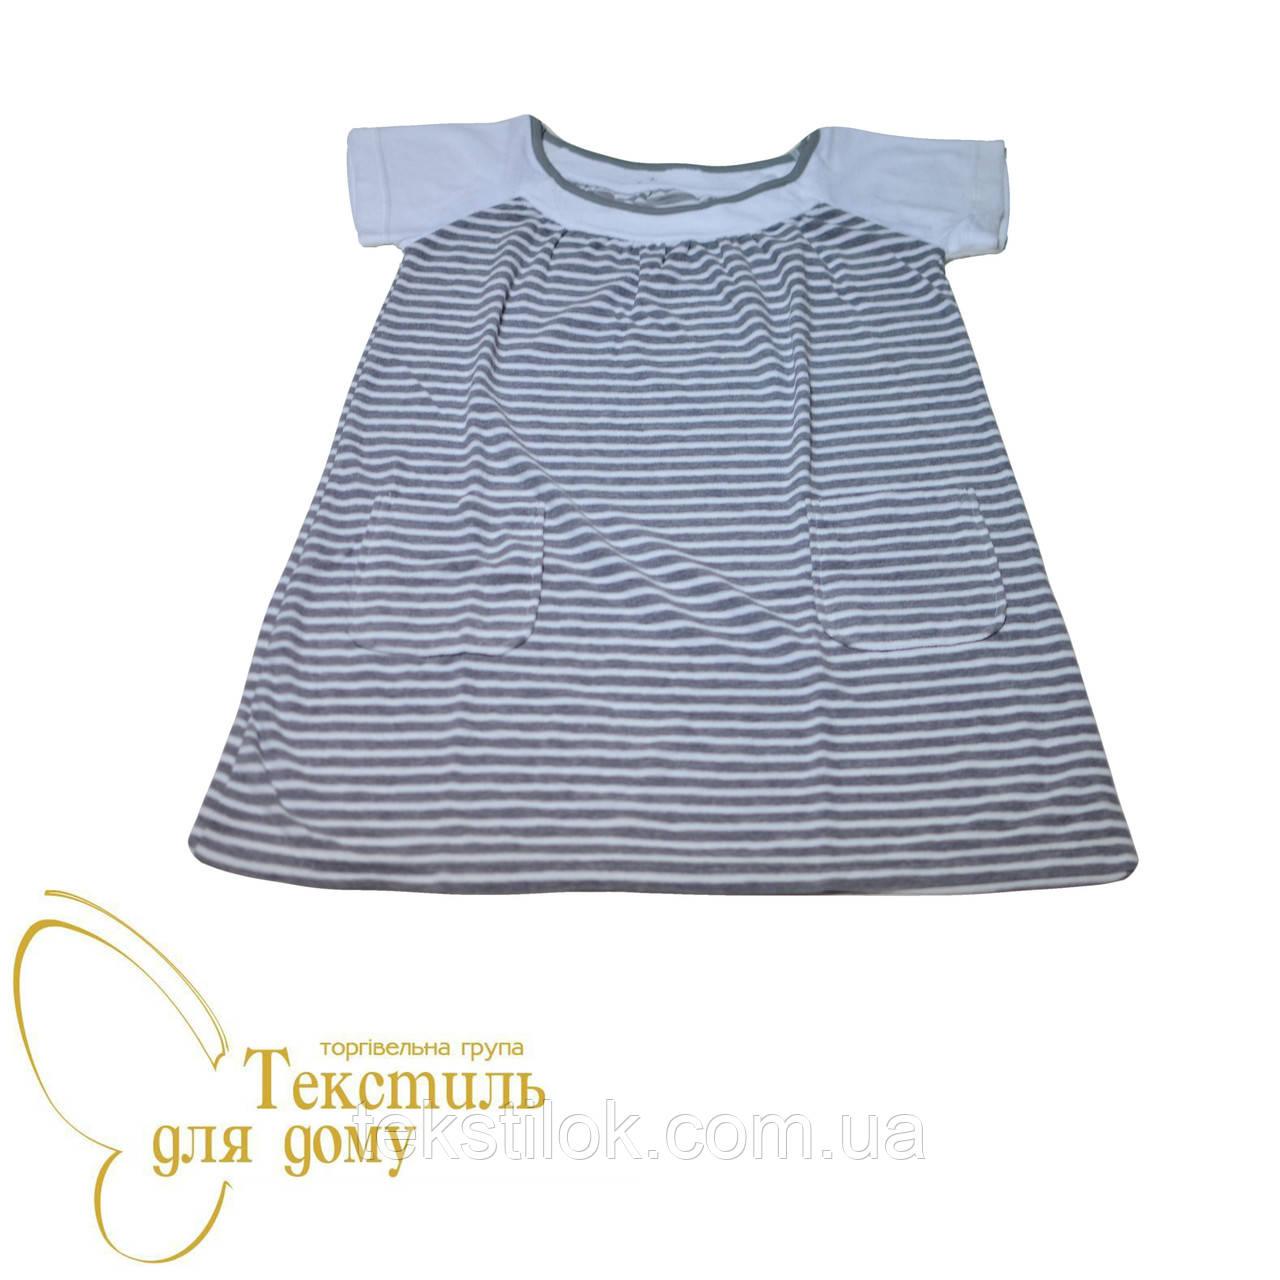 Платье домашнее, полоса, серый